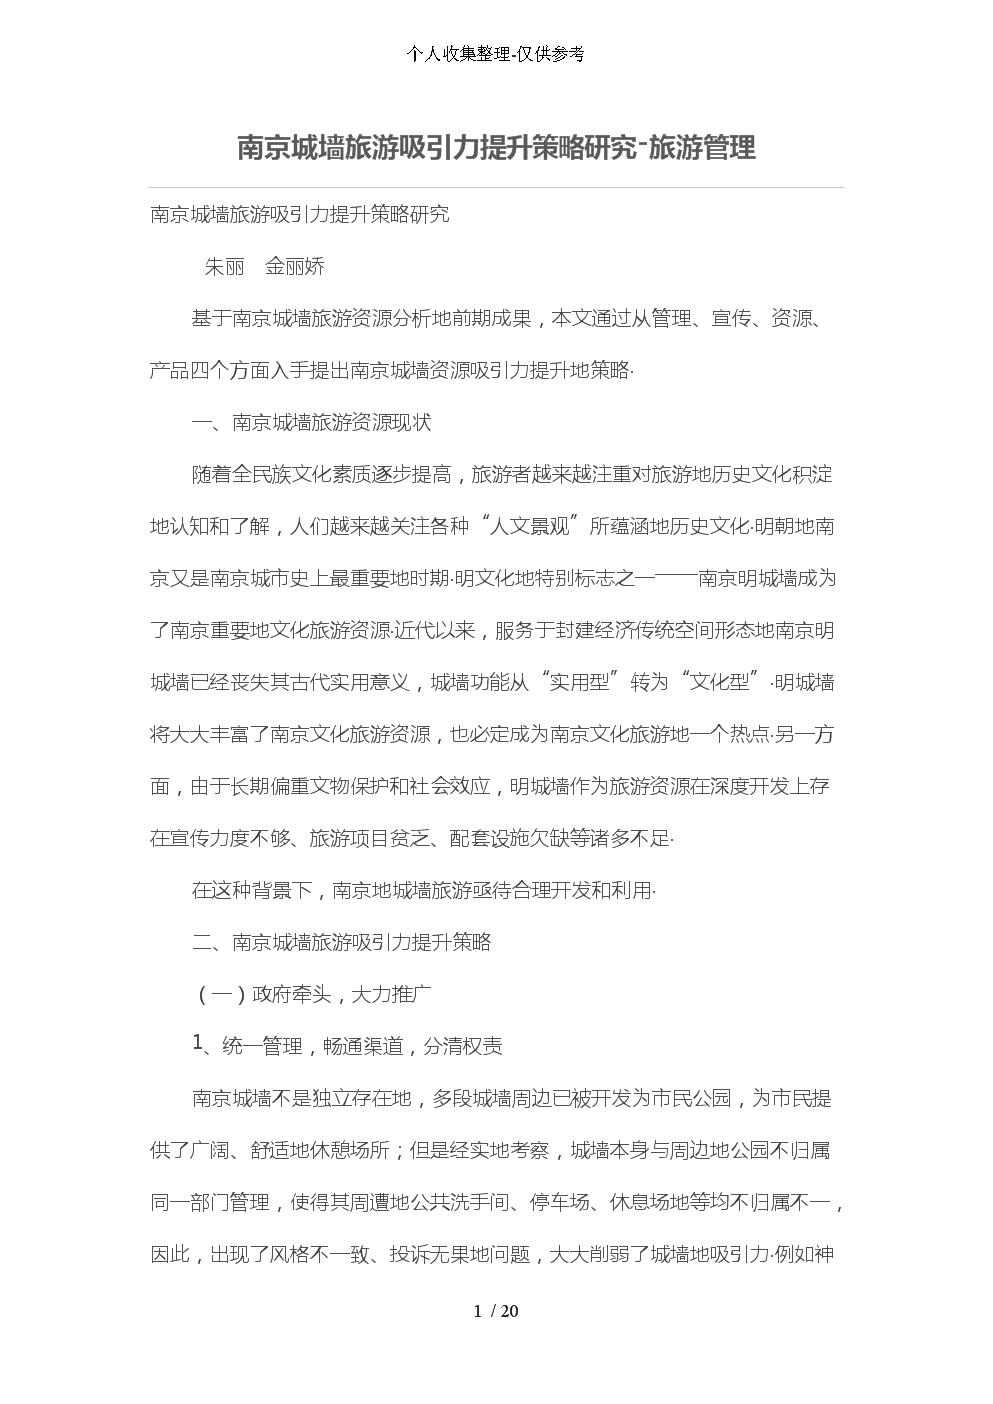 南京城墙旅游吸引力提升策略研究分析.doc